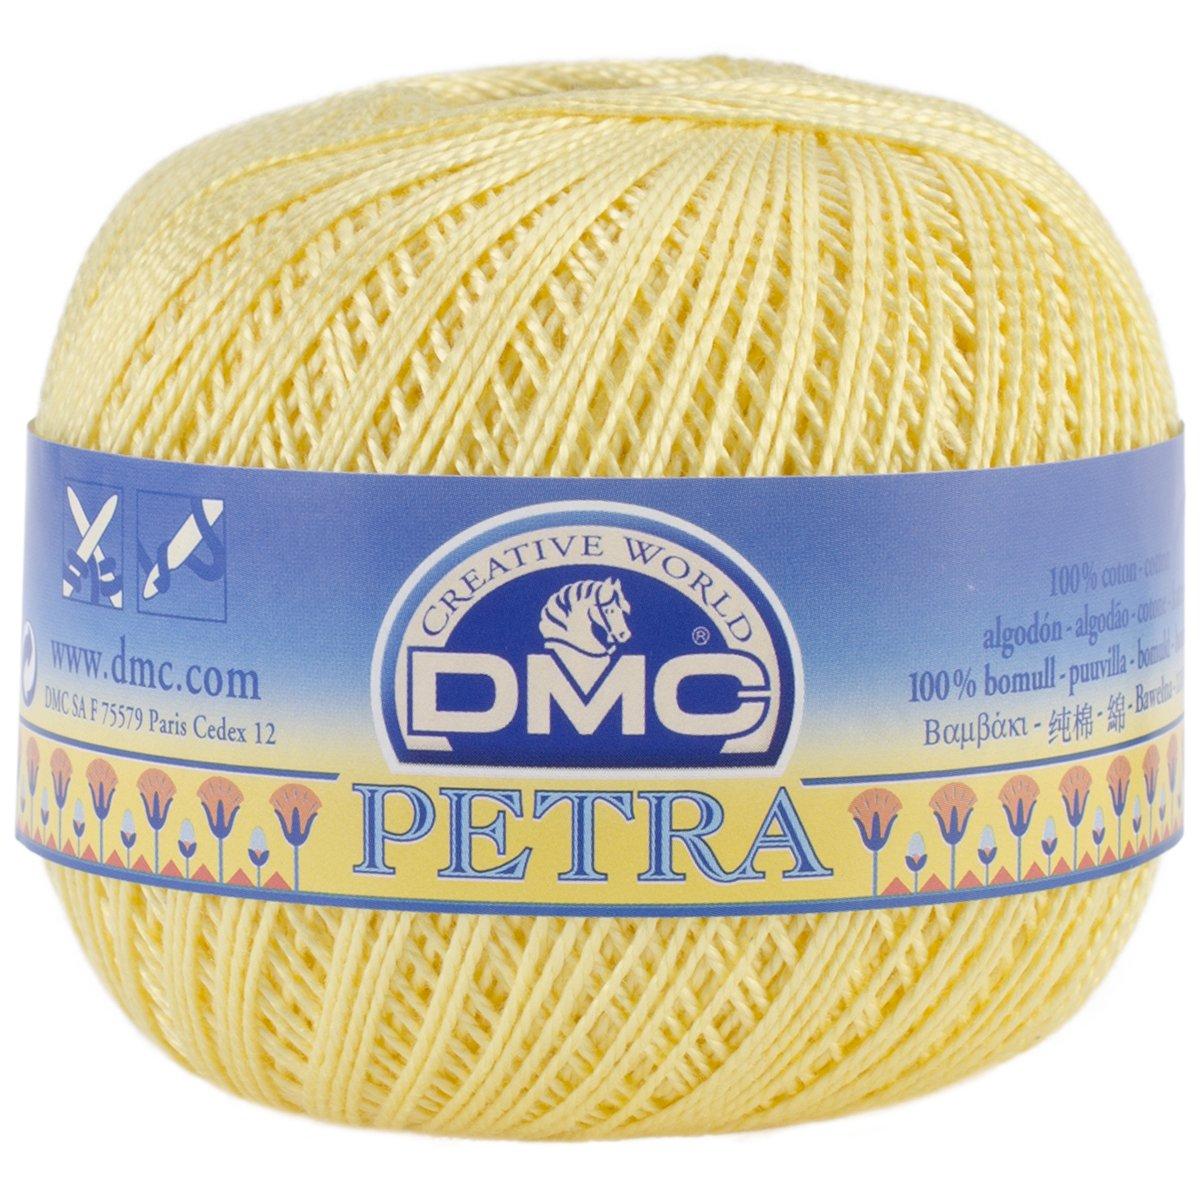 DMC ペトラ 毛糸 5727 スレッドサイズ5 B005EKIWAQ